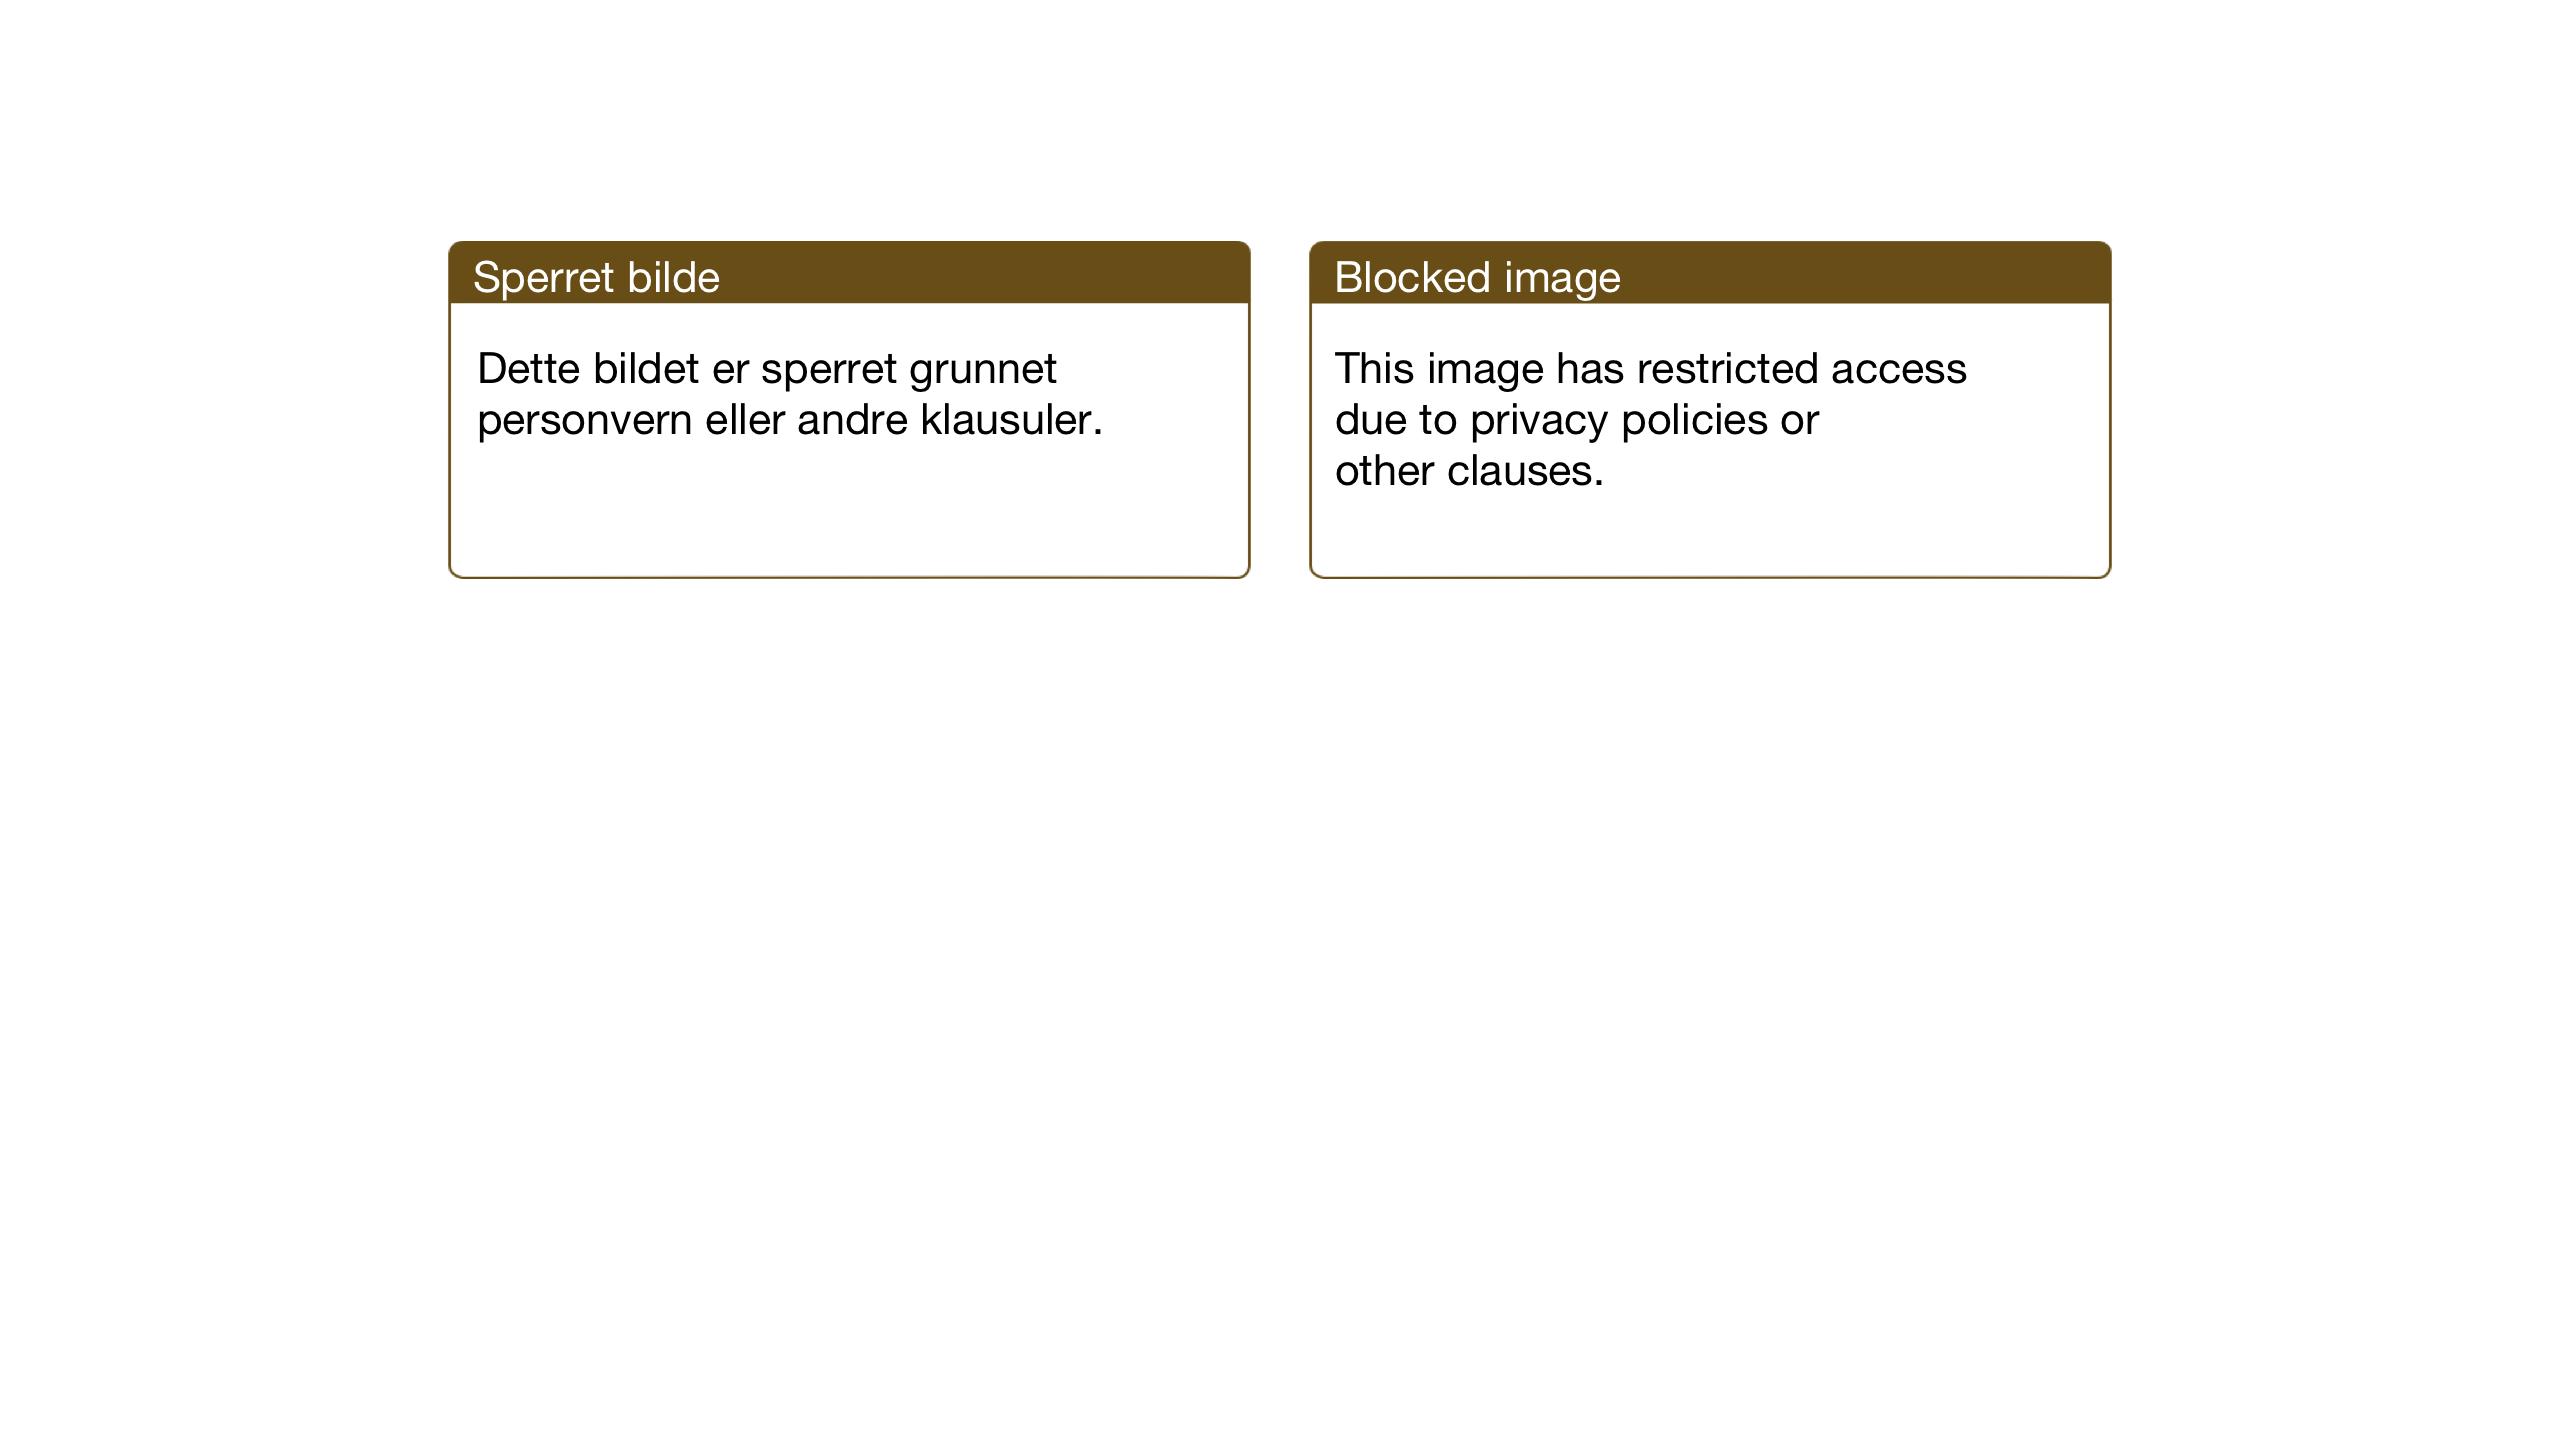 SAT, Ministerialprotokoller, klokkerbøker og fødselsregistre - Sør-Trøndelag, 630/L0508: Klokkerbok nr. 630C06, 1933-1950, s. 168